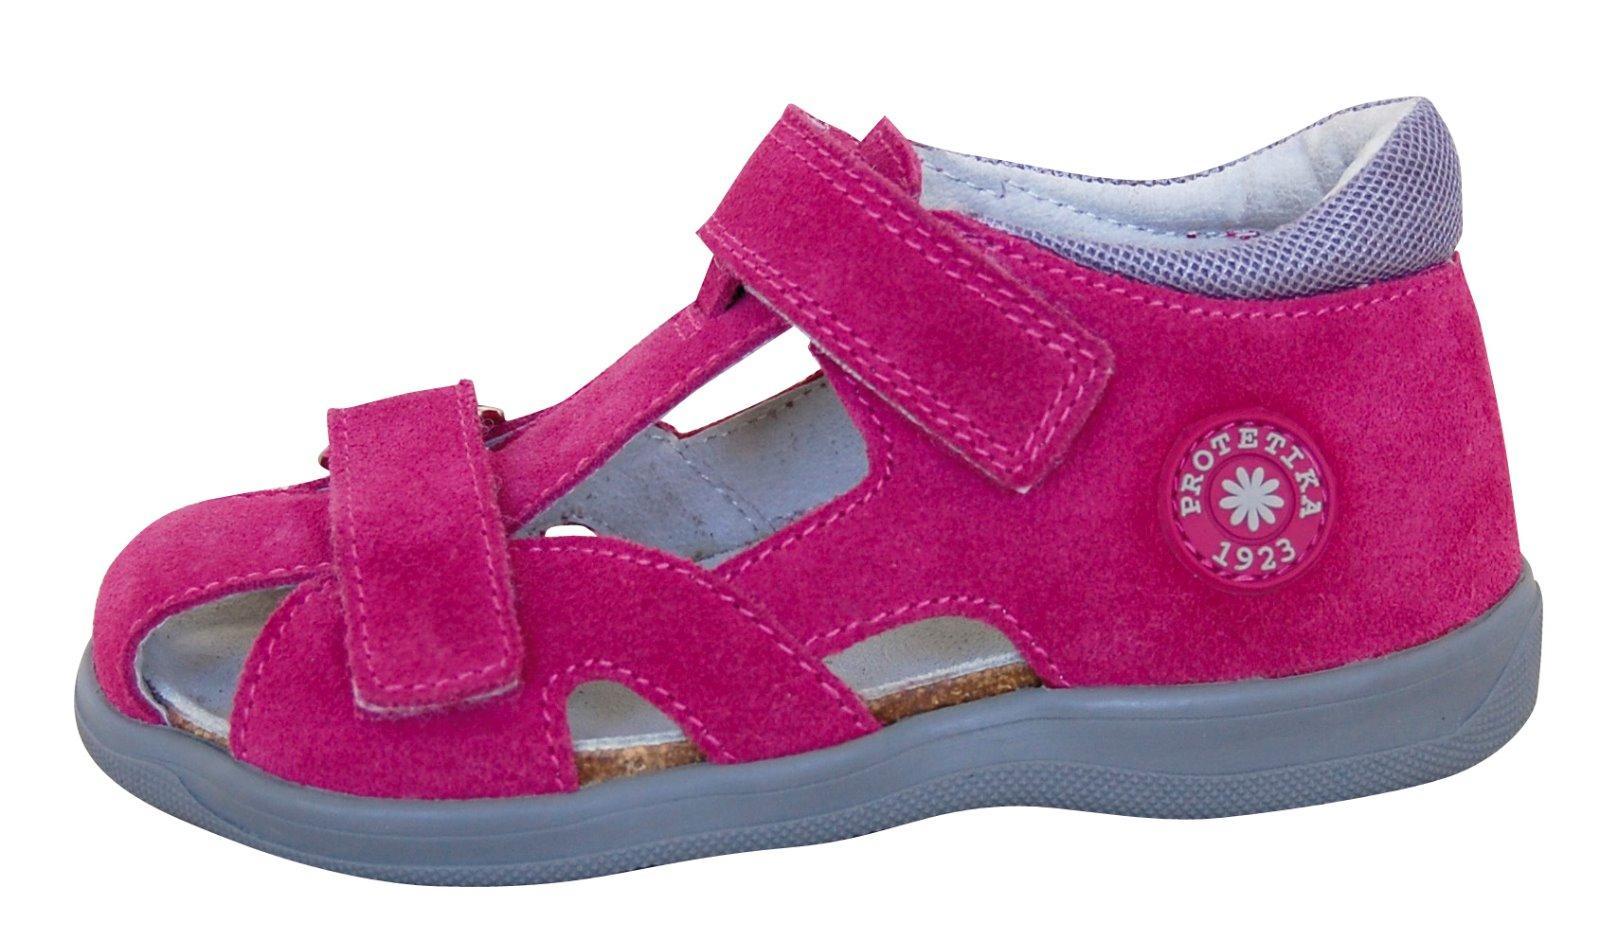 714f5eaf1bcfd Ortopedické sandále 22-27 skladom, protetika,22 - 27 - 23,50 € od  predávajúcej obuveli | Detský bazár | ModryKonik.sk